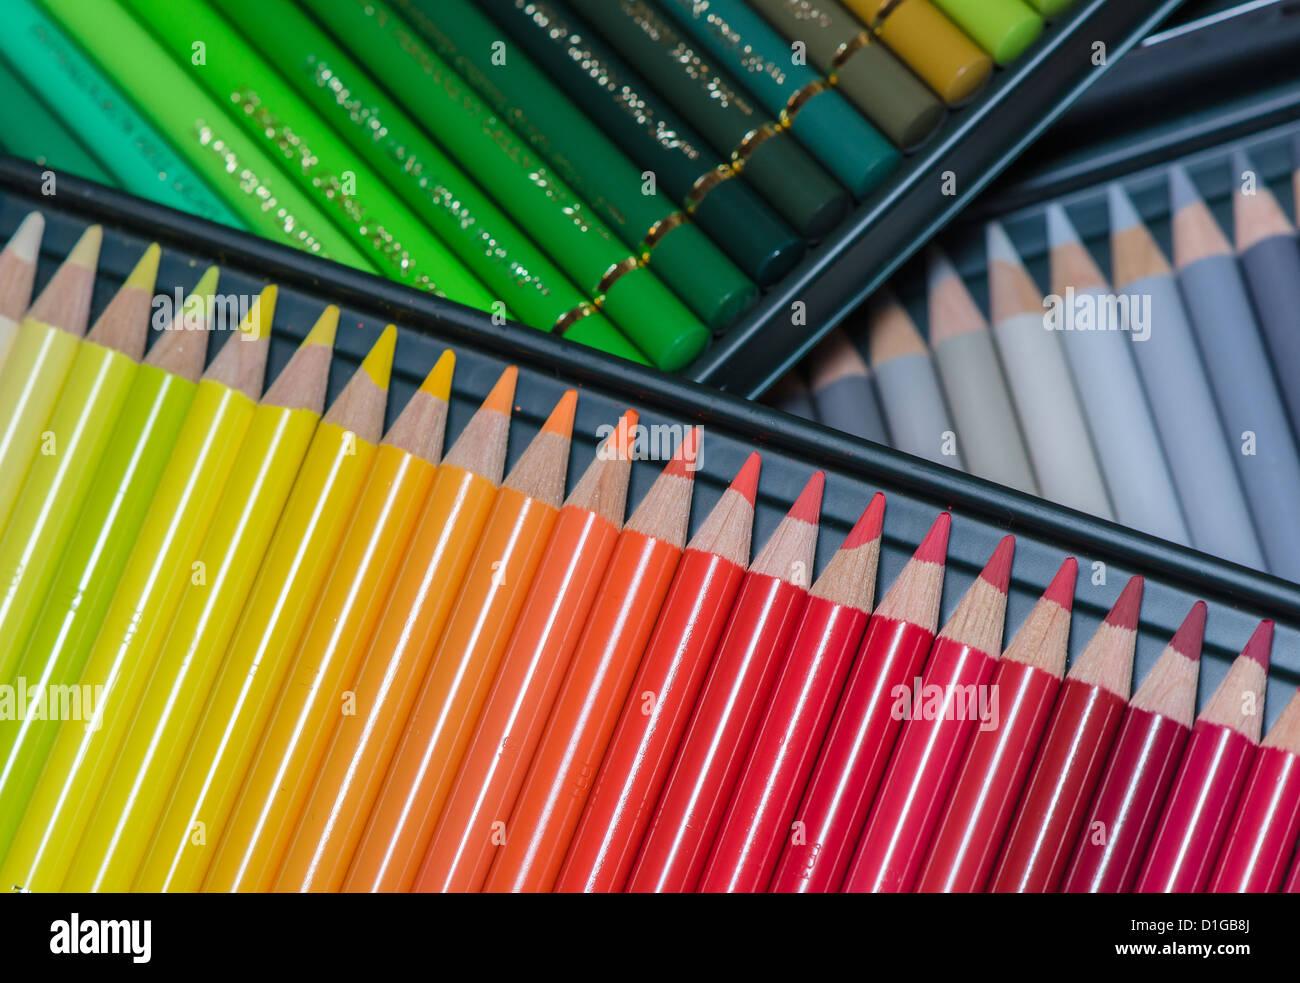 Numerose le matite colorate assortiti in una scatola Immagini Stock